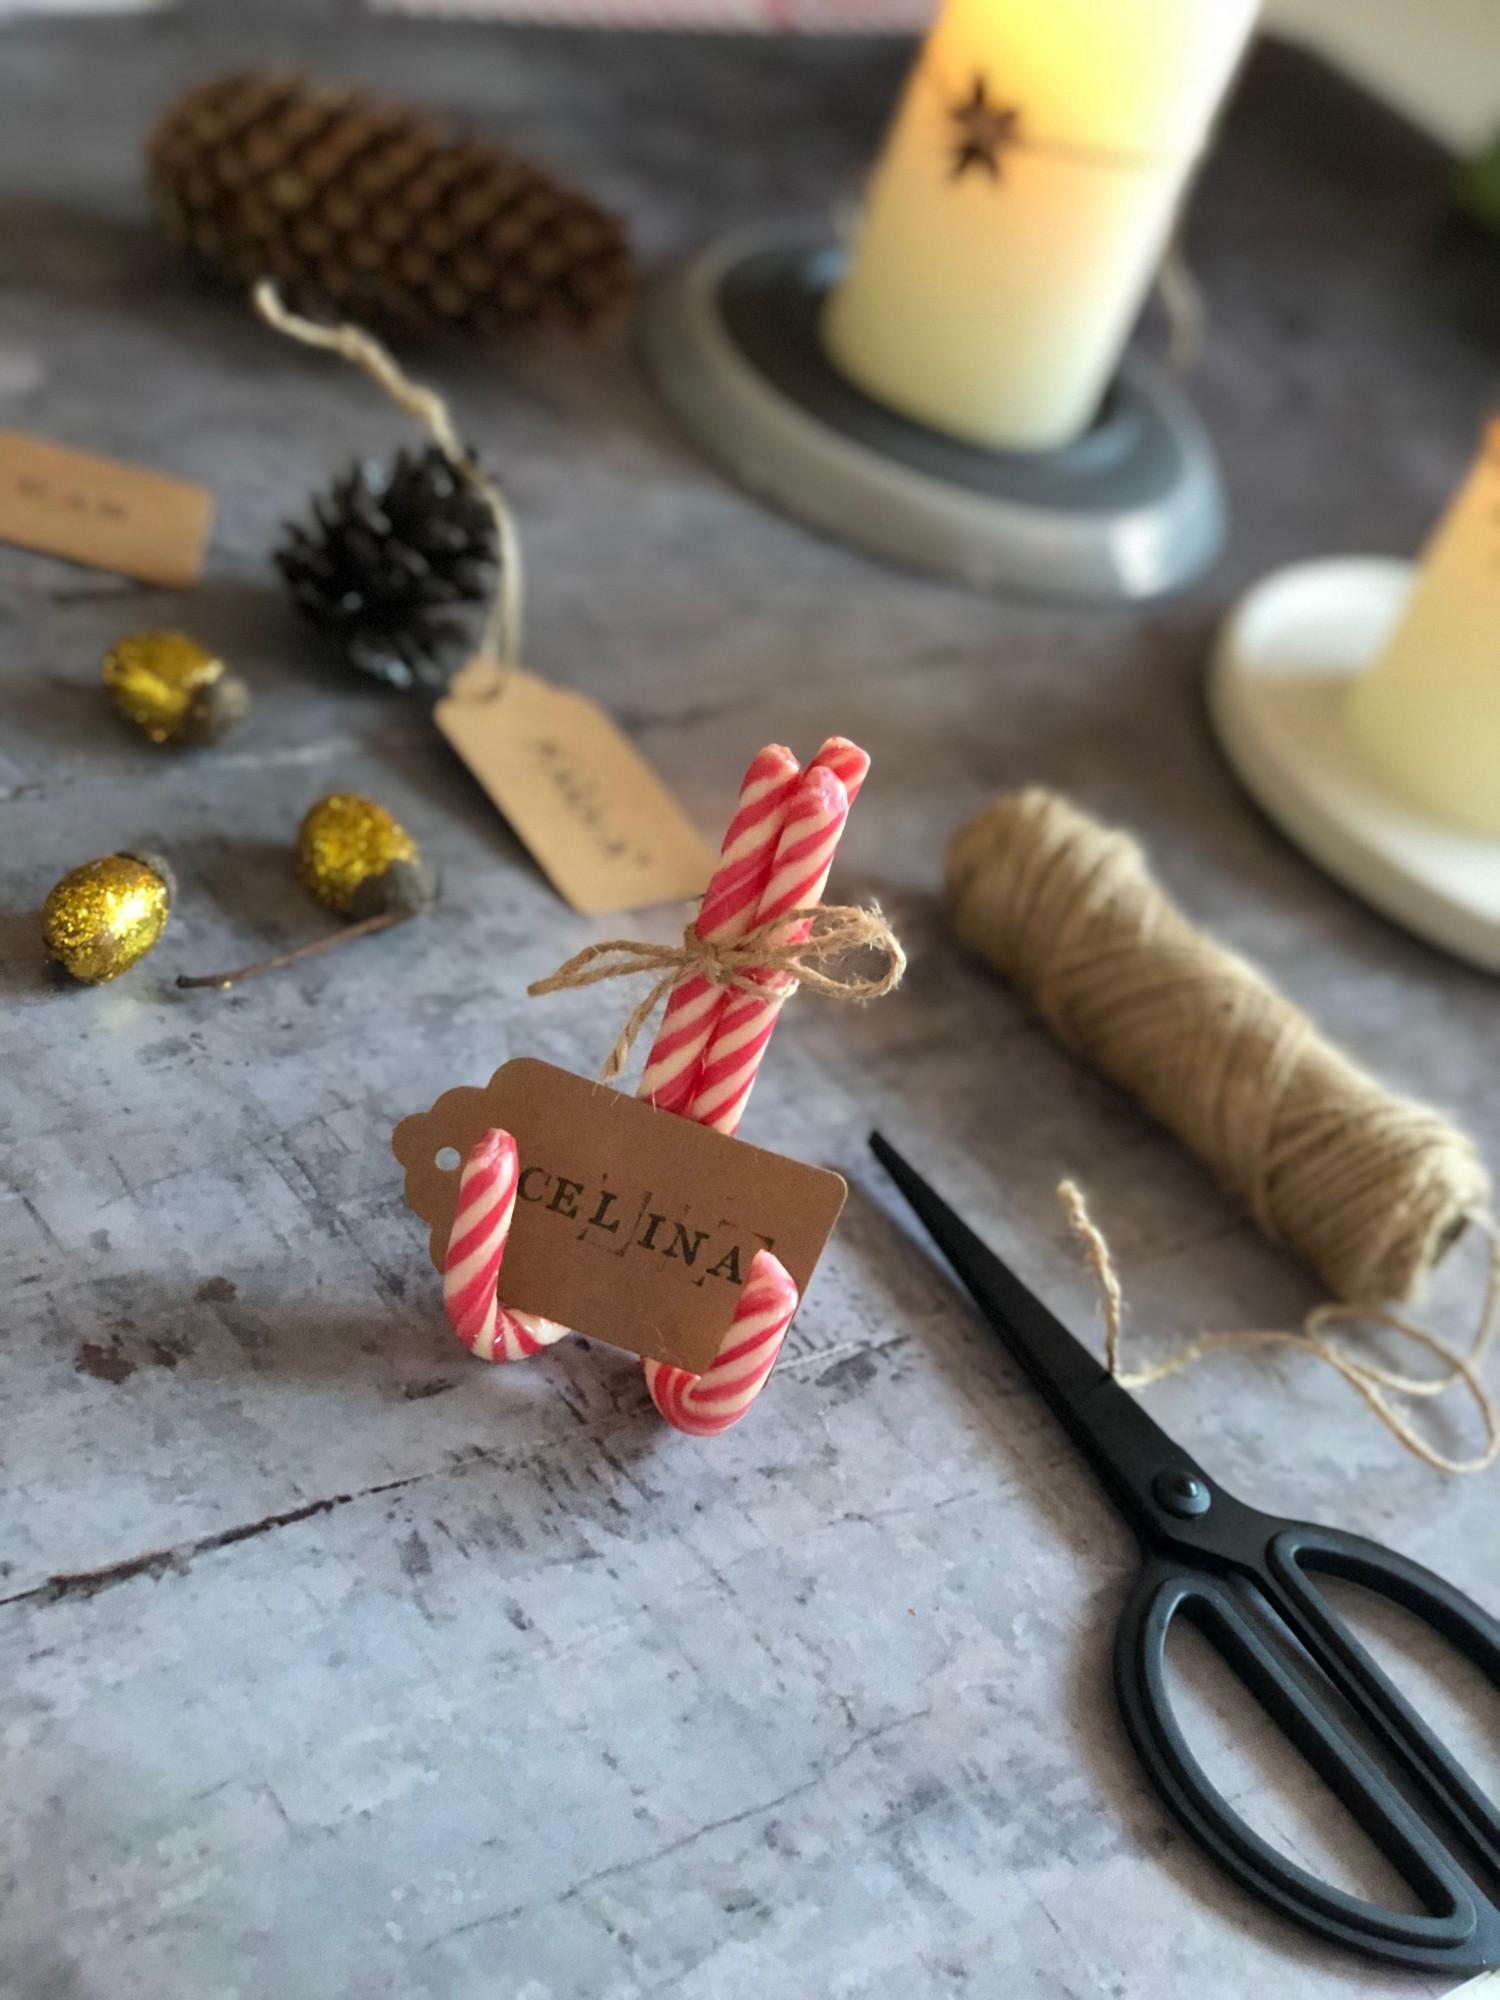 bordkort og borddekoration til jul